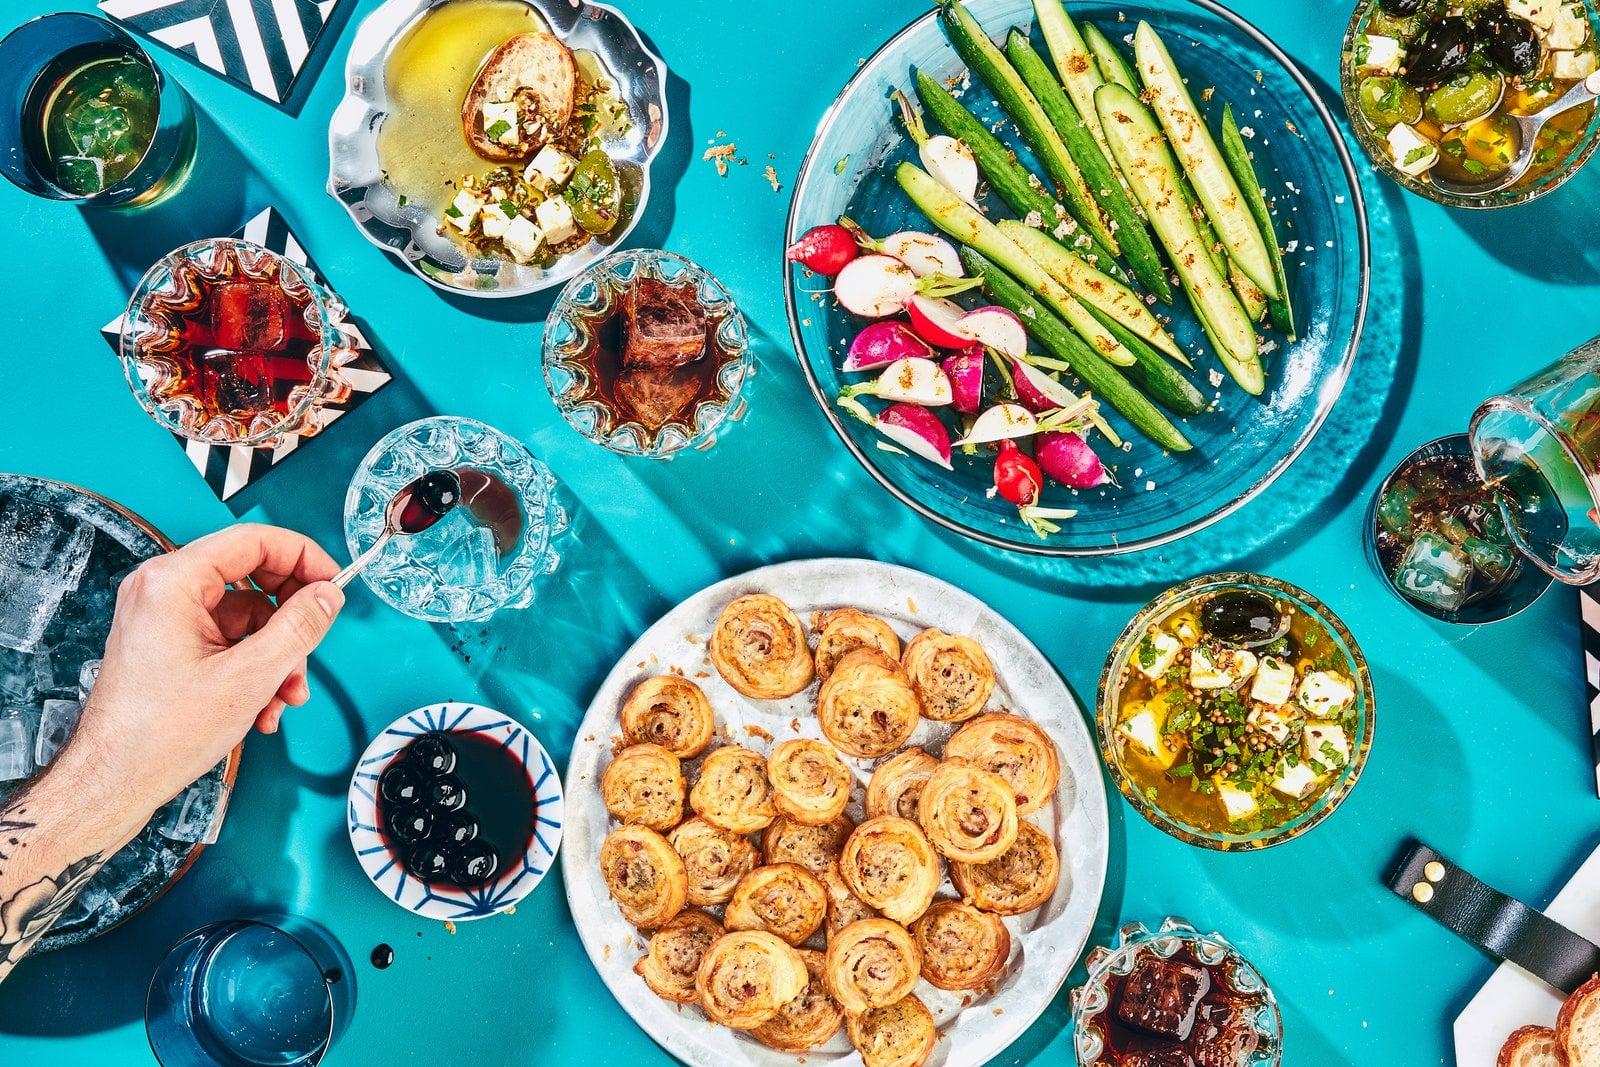 La imagen puede contener comida. Plato de comida, almuerzo humano y planta.